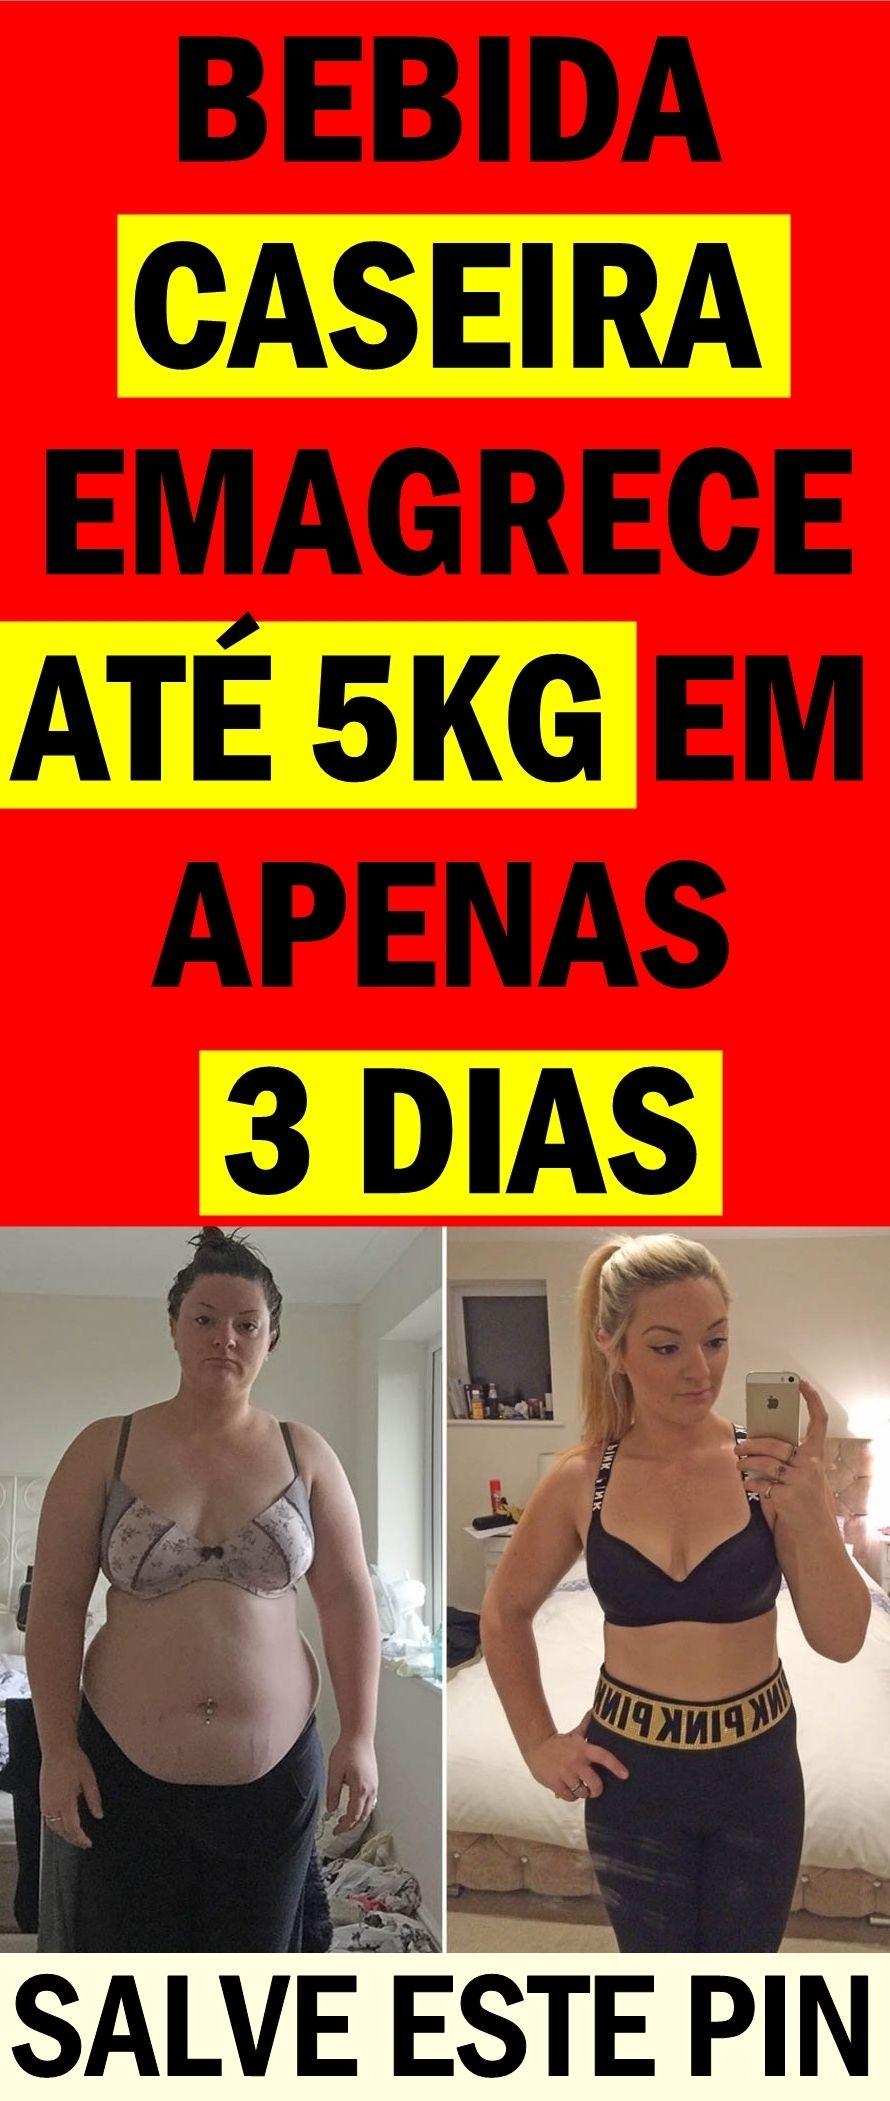 dieta detox perder 5 kg em 3 dias